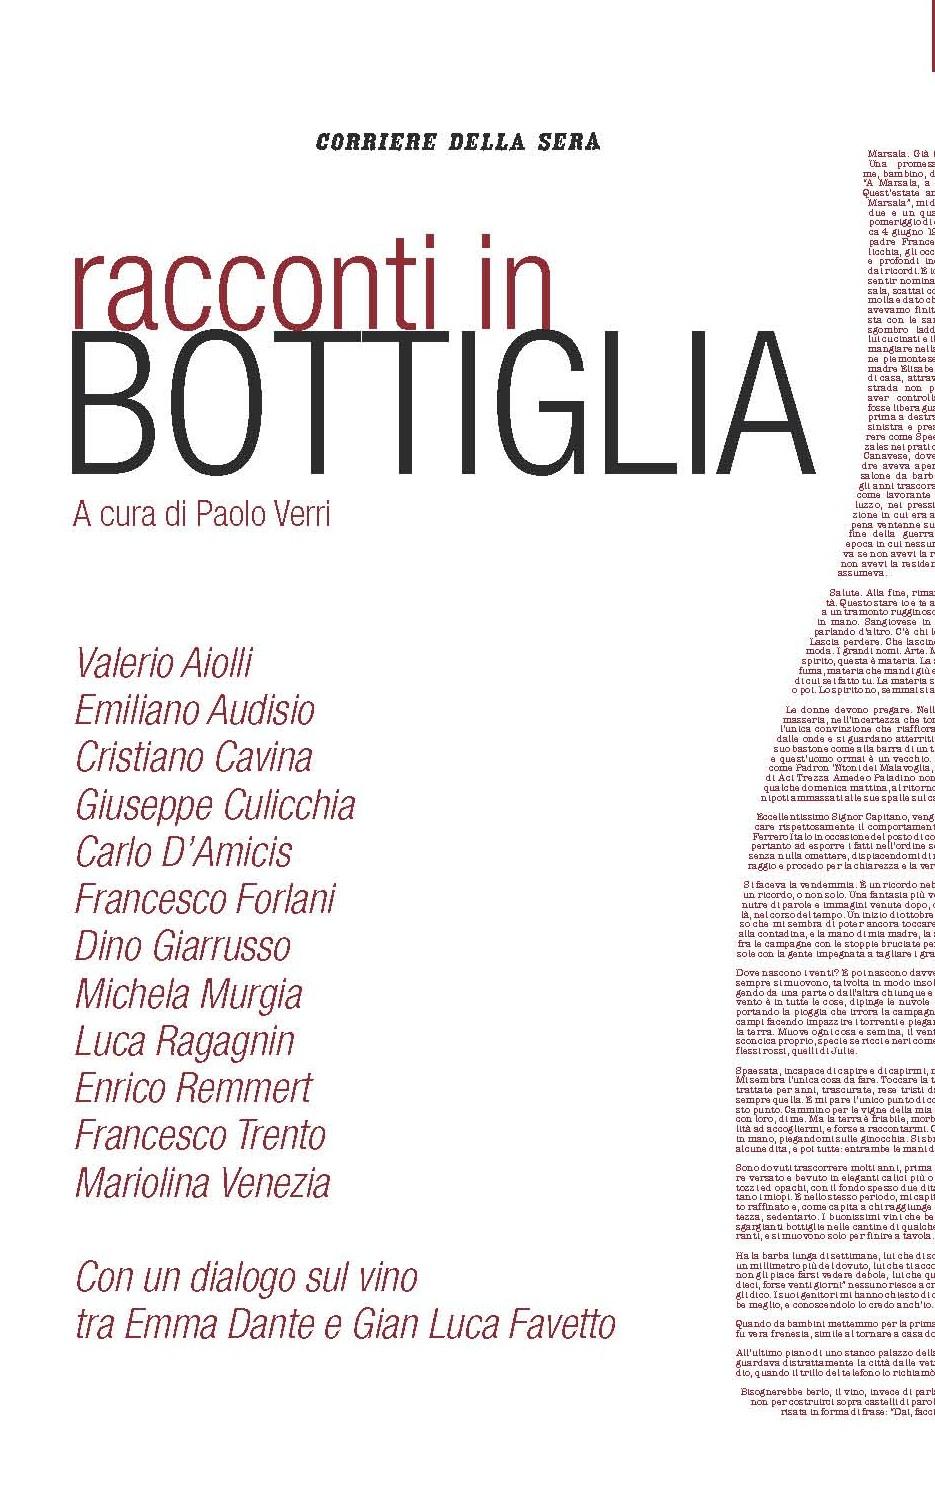 """Marsala vince il secondo premio con il progetto editoriale """"Racconti in bottiglia"""""""